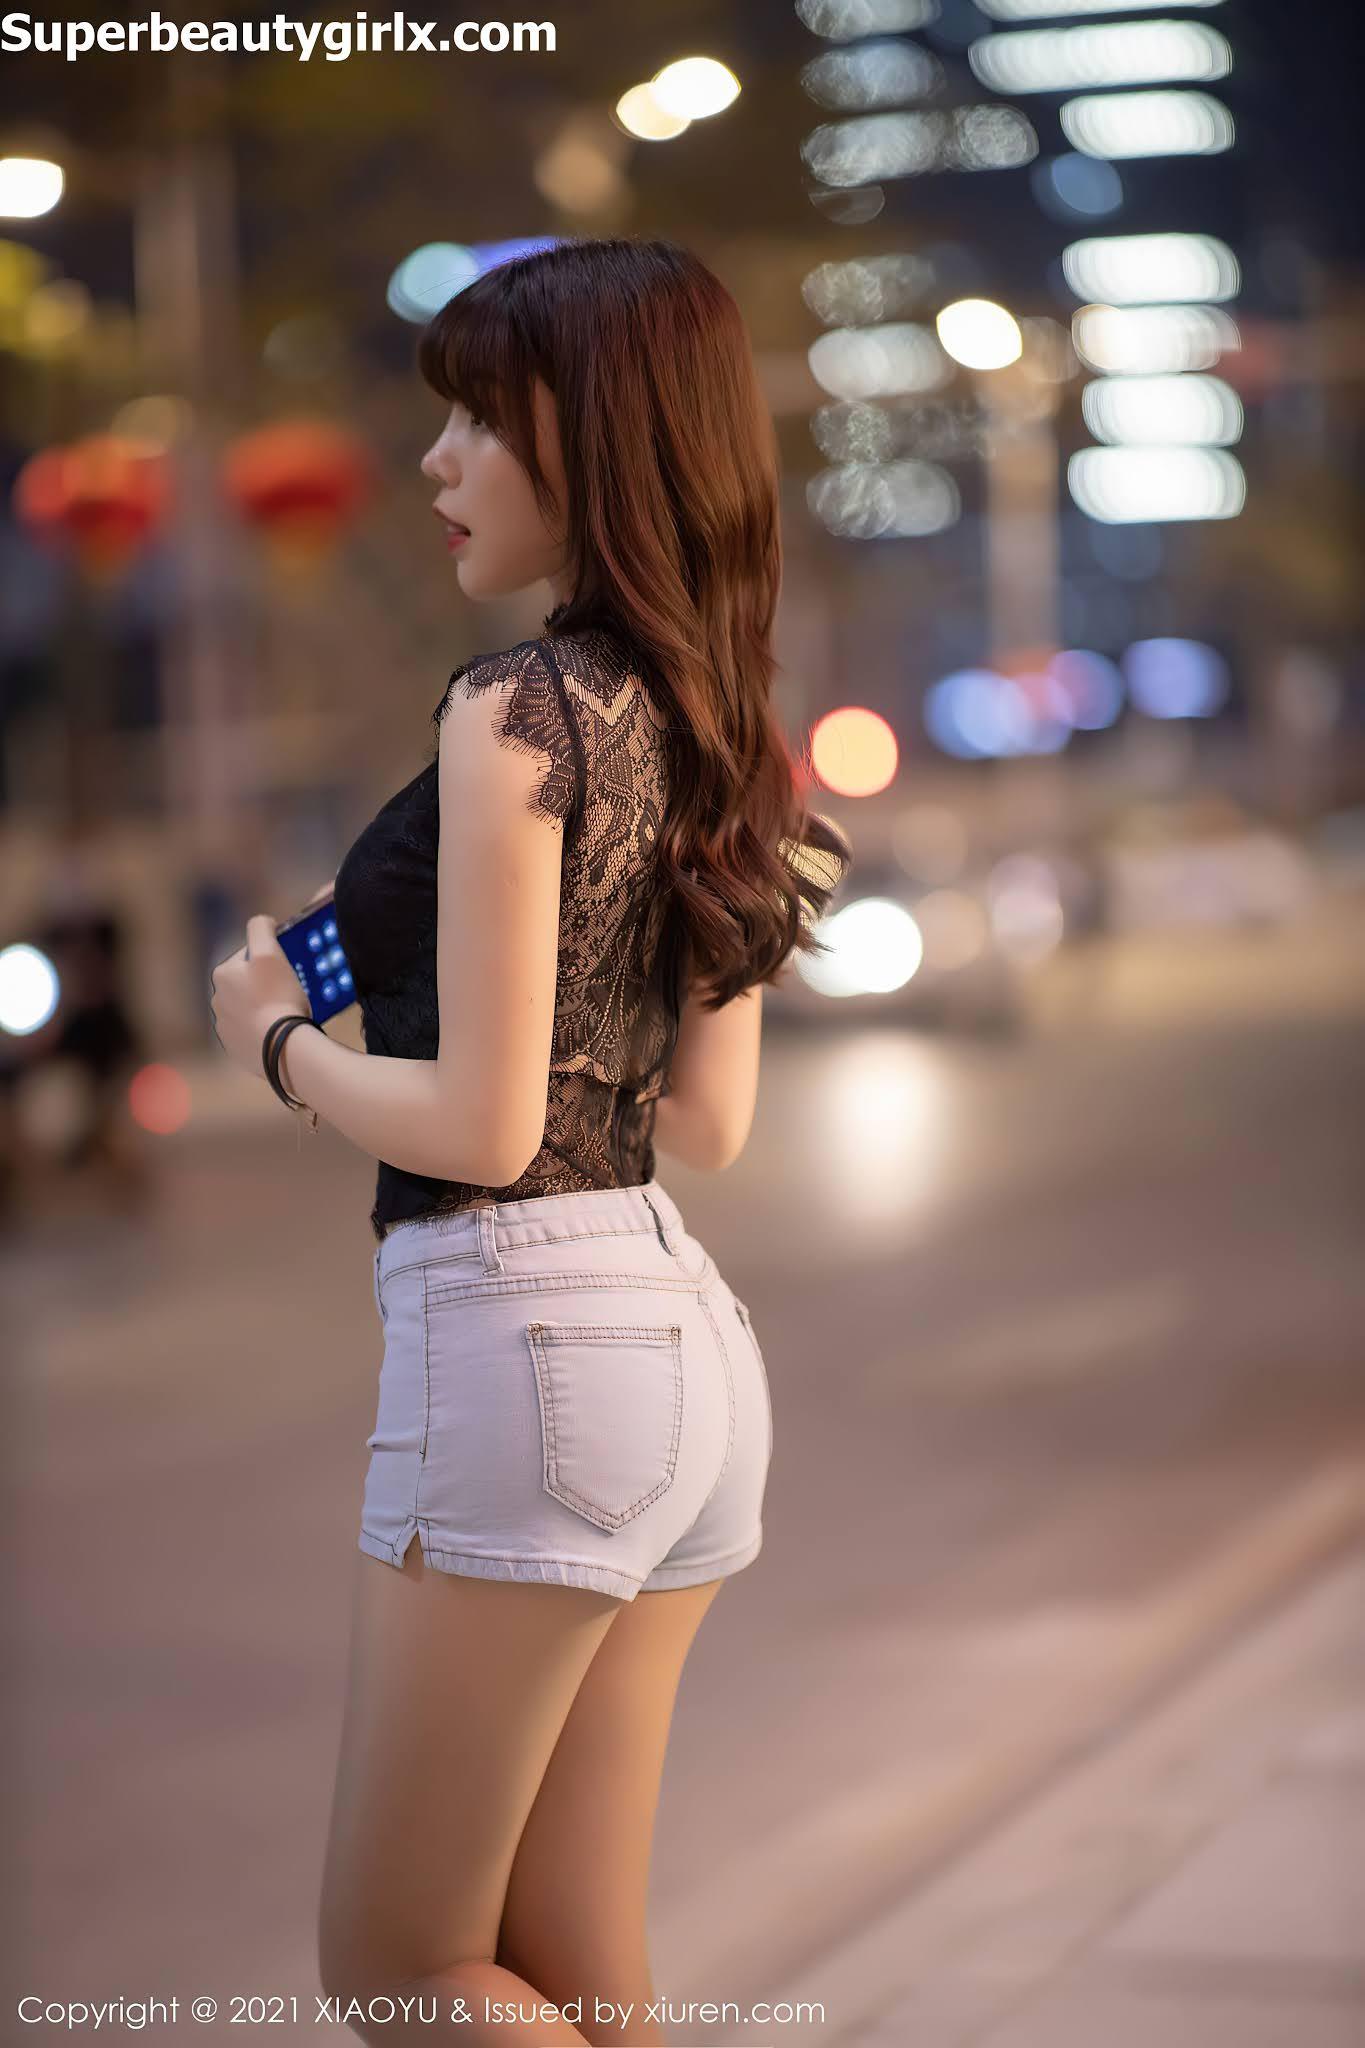 XiaoYu-Vol.494-Booty-Zhizhi-Superbeautygirlx.com